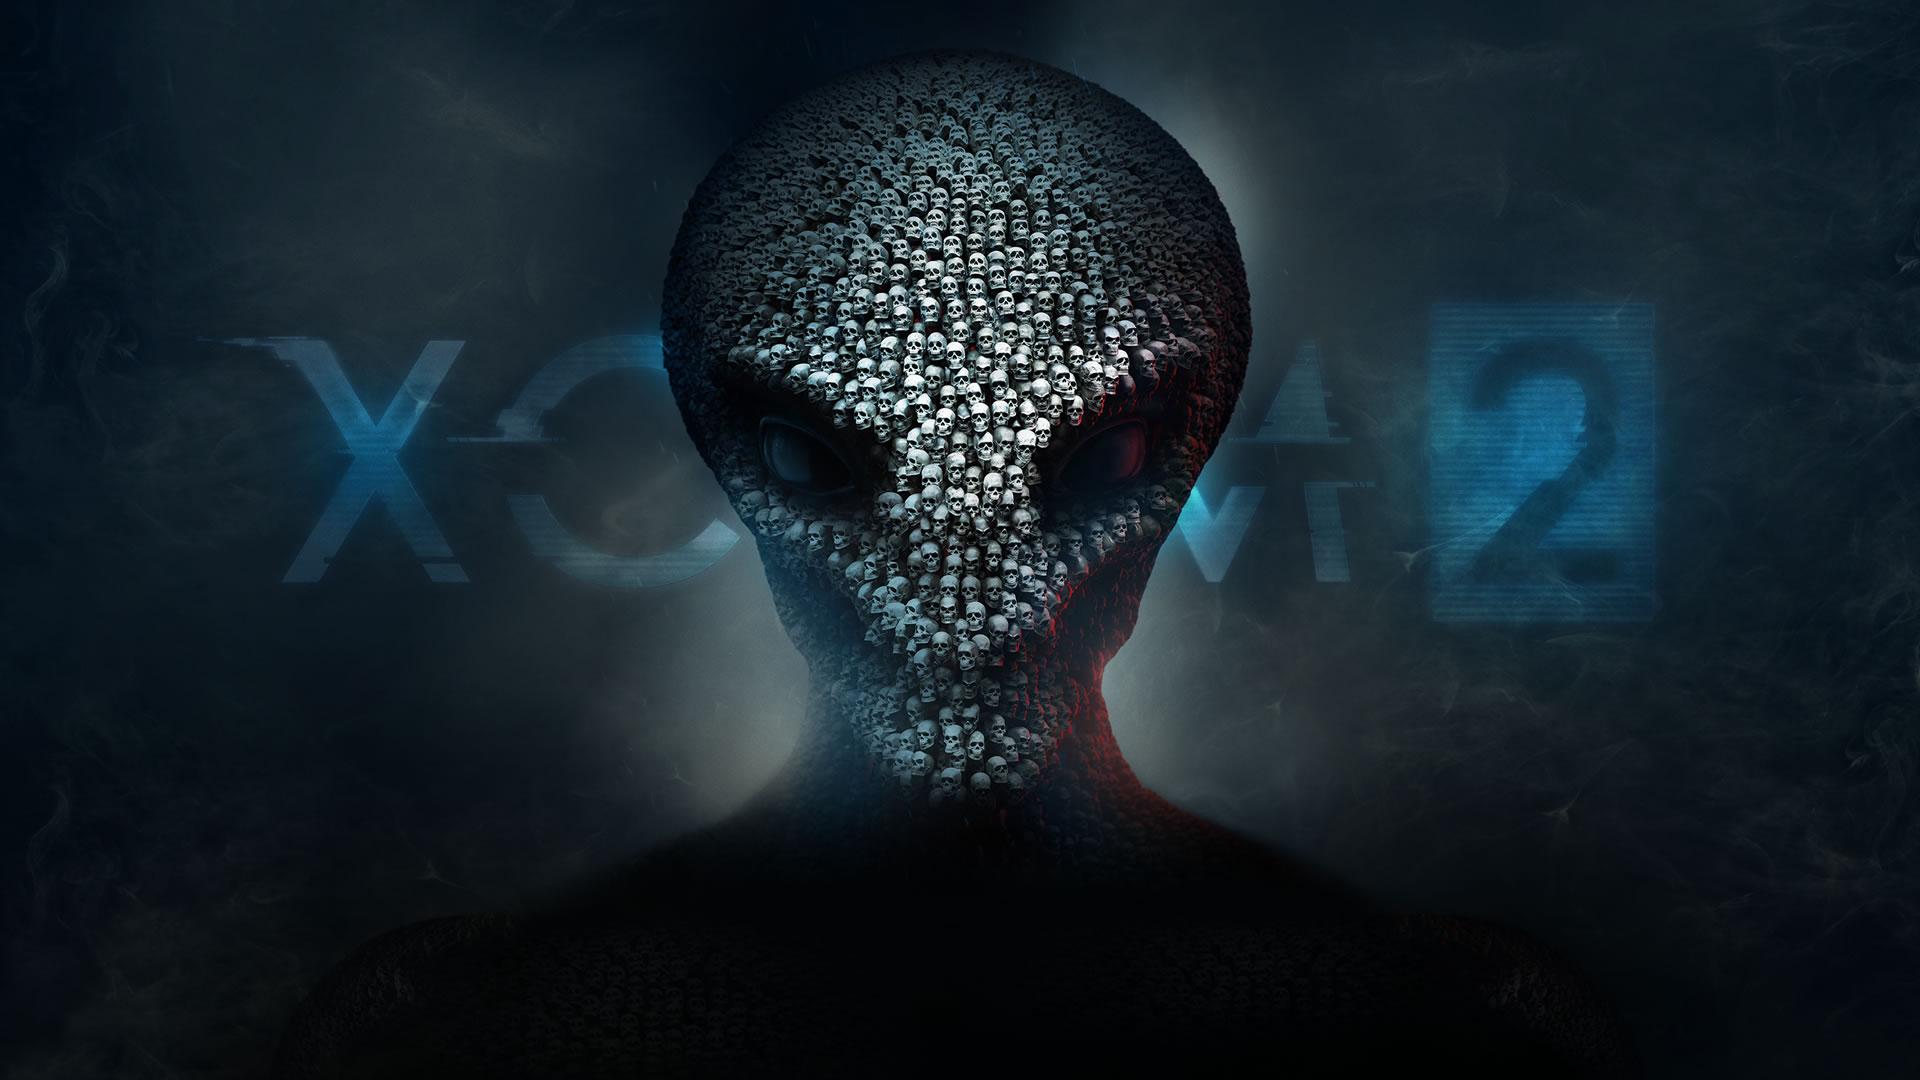 XCOM 2 Walkthrough and Guide